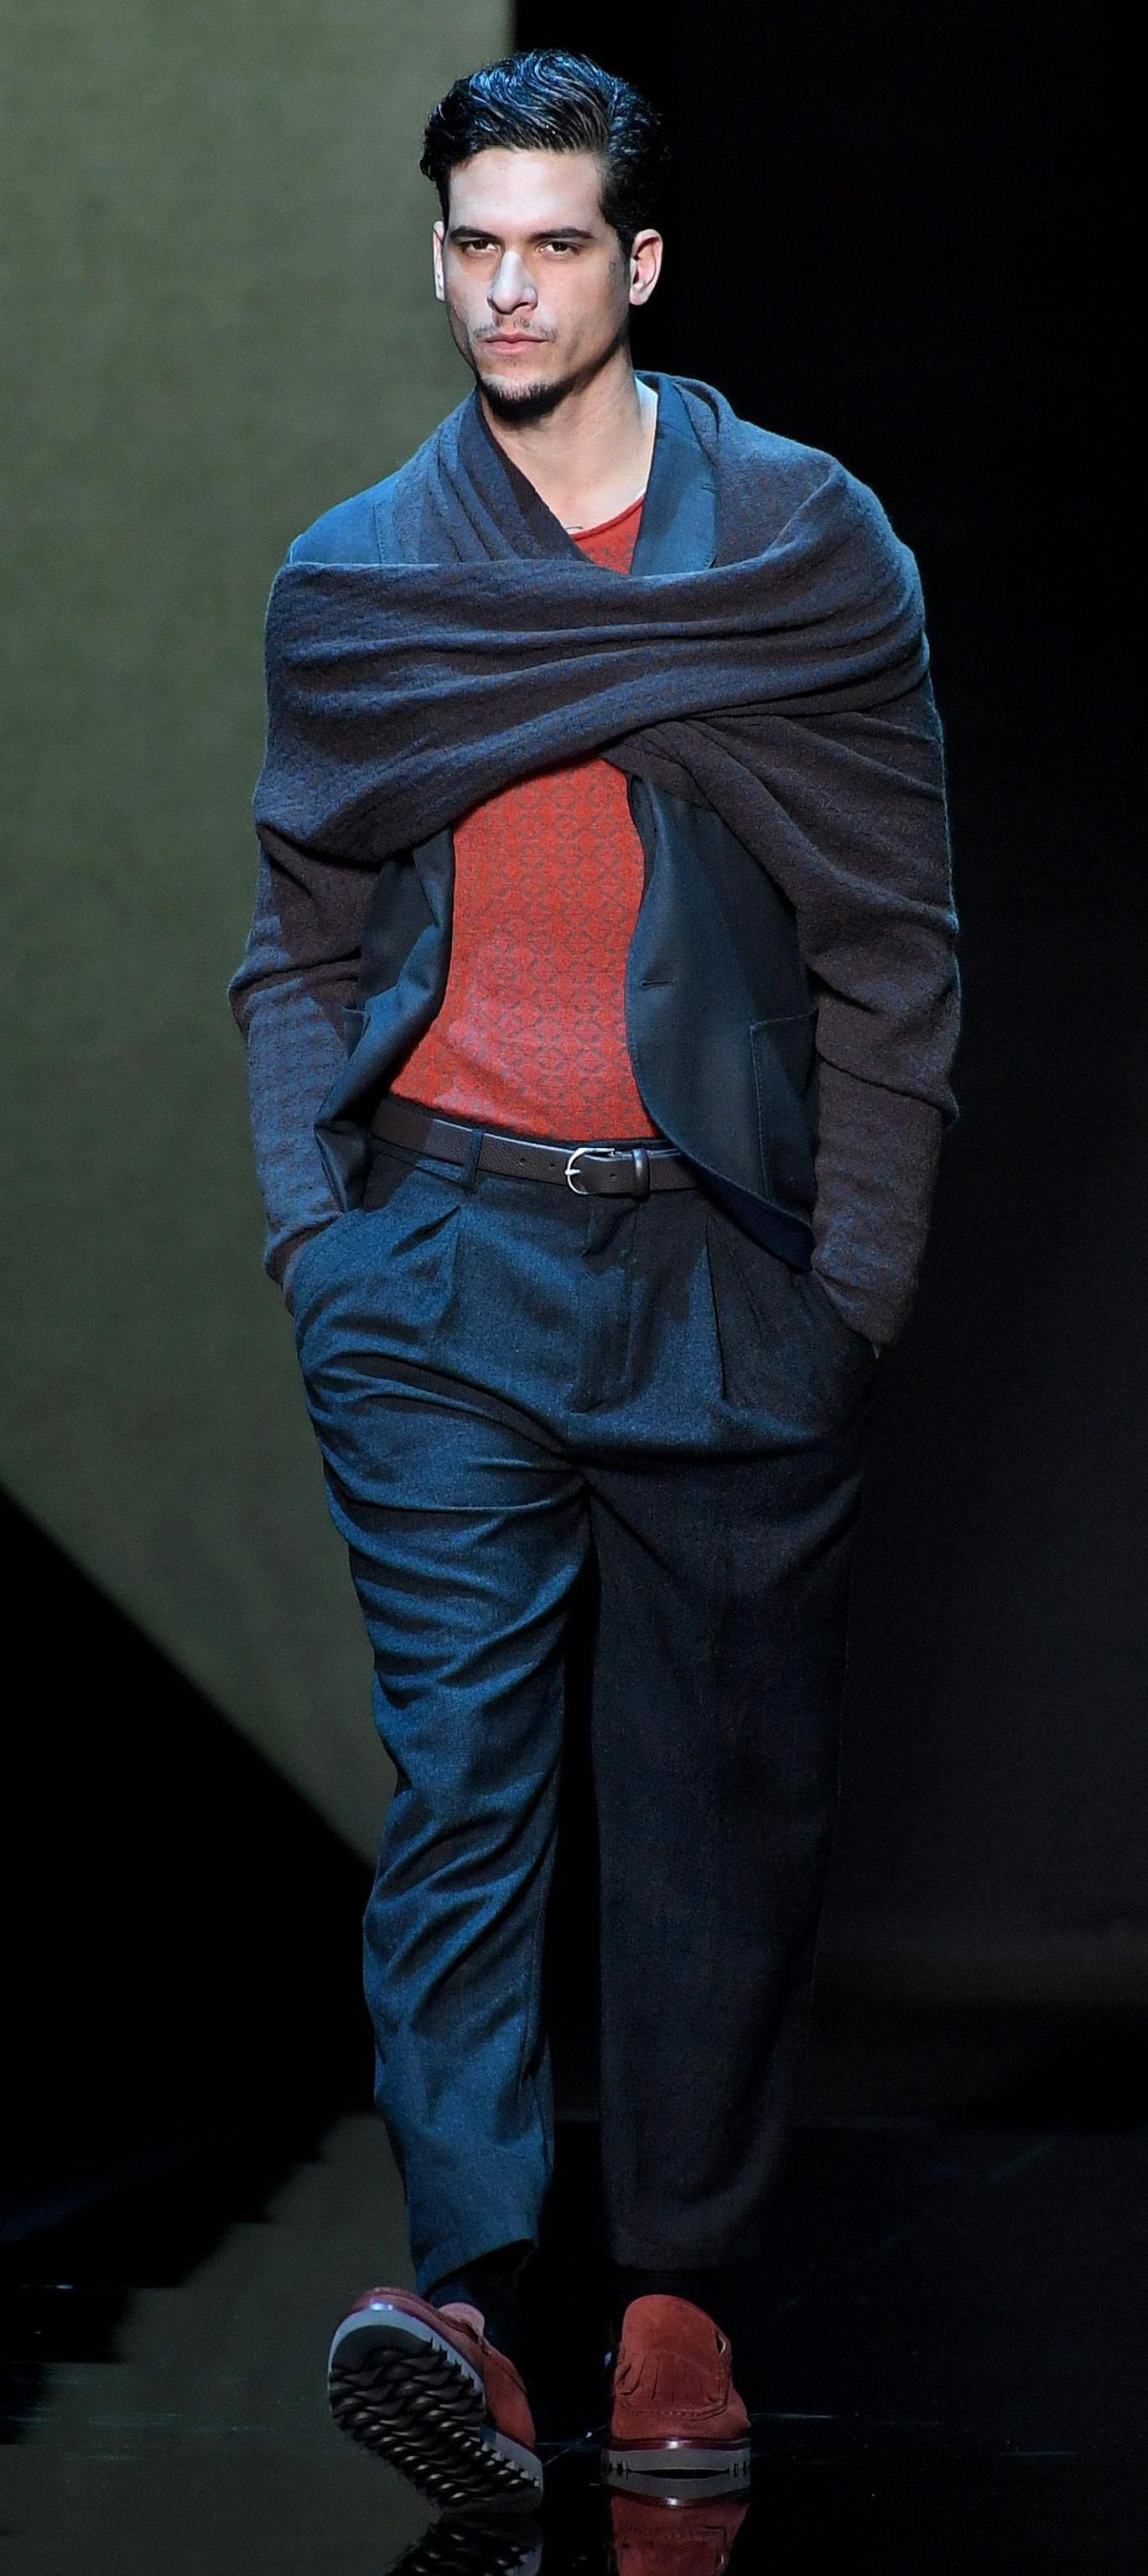 """Господстващи текстура и силует - с тези думи можем да опишем новата колекция за сезона есен/зима 2017-2018 г. на """"Армани"""", която бе представена в края на Седмицата на модата в Милано. Като свързваща нишка в цялата колекция на Джорджо Армани са дълги, увити около ръцете шалове, които се завързват отпред.За мъжете """"Армани"""" е предвидил панталони, които стигат до глезена, сака без хастар, както и жилетки от ангорска вълна с качулка, носени върху бели ризи."""